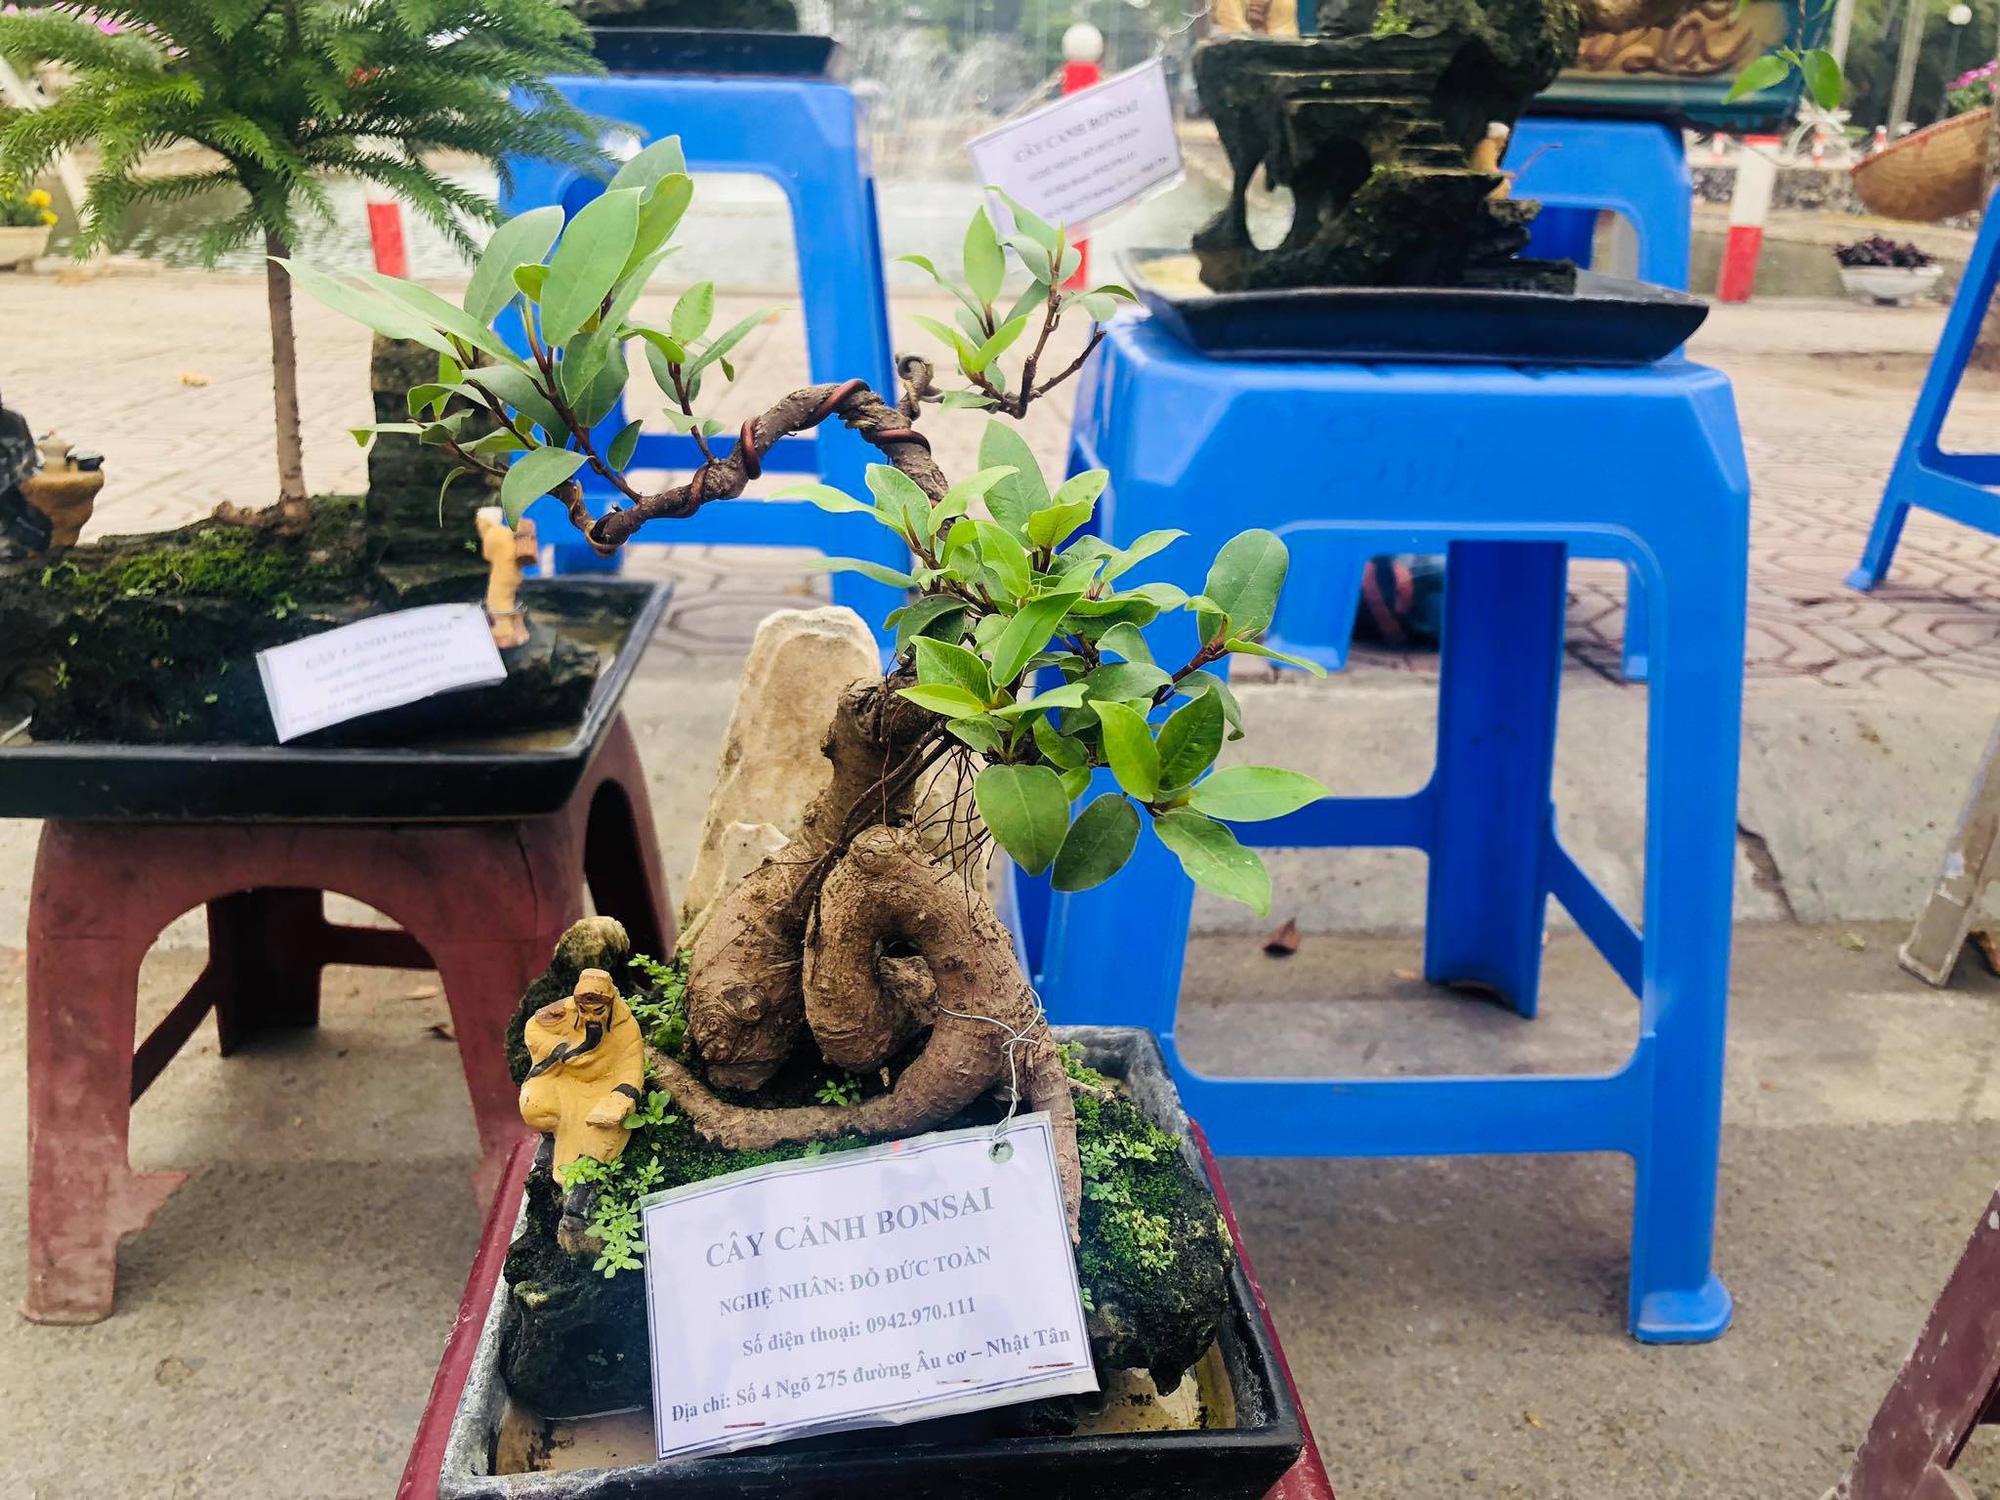 Trưng bày Đào độc, lạ trị giá 50 triệu đồng tại Lễ hội hoa đào Nhật Tân - Ảnh 7.